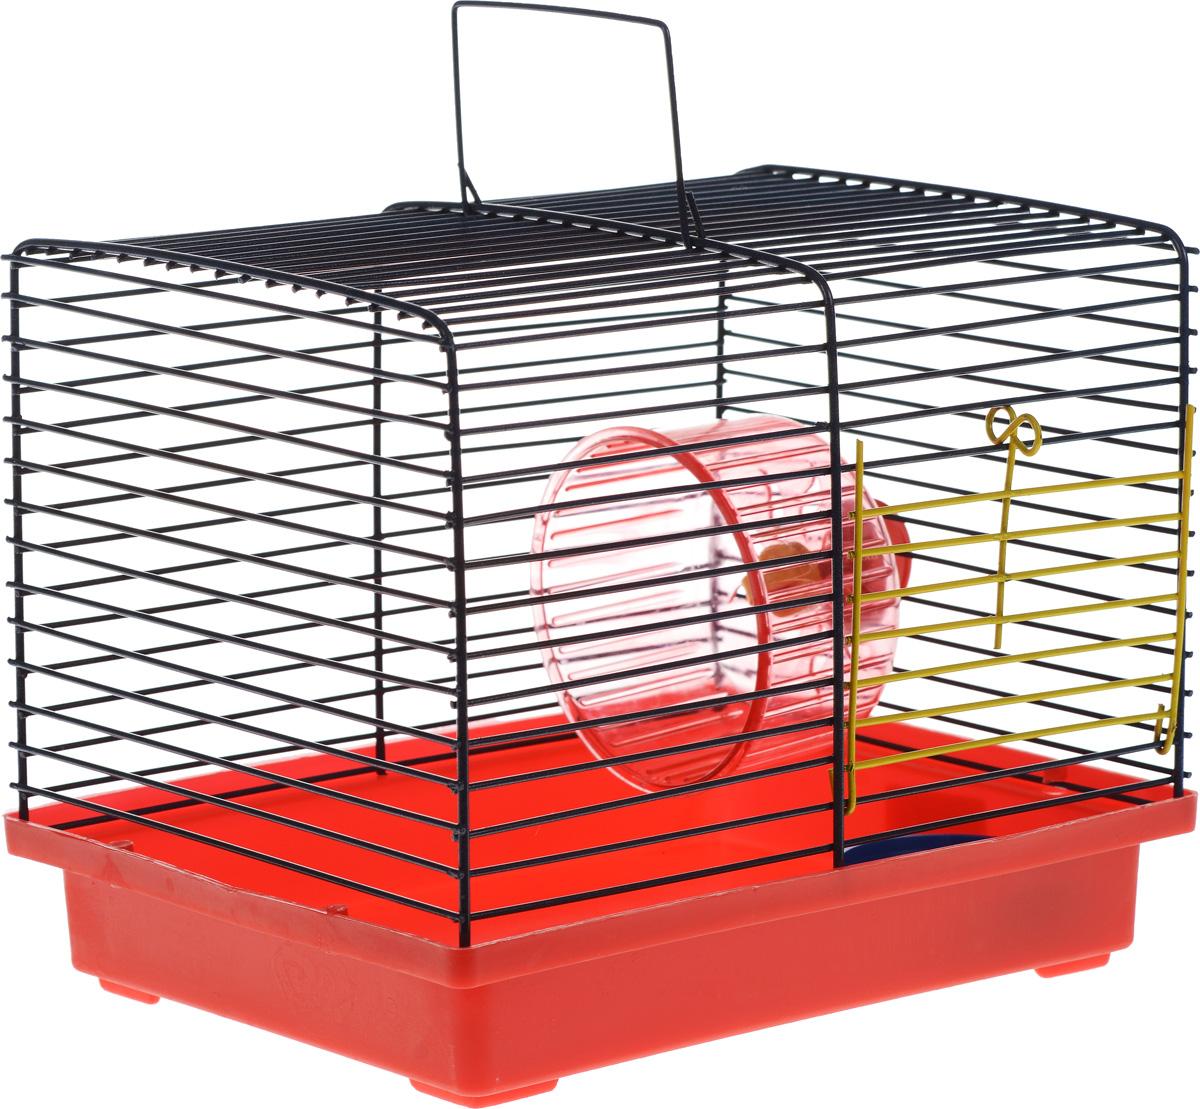 Клетка для хомяка ЗооМарк, с колесом и миской, цвет: красный поддон, синяя решетка, 23 х 18 х 18,5 см511_красный, синийКлетка ЗооМарк, выполненная из пластика и металла, подходит для джунгарского хомячка или других небольших грызунов. Она оборудована колесом для подвижных игр и миской. Клетка имеет яркий поддон, удобна в использовании и легко чистится. Такая клетка станет личным пространством и уютным домиком для маленького грызуна. Комплектация: - клетка с поддоном; - колесо; - миска.